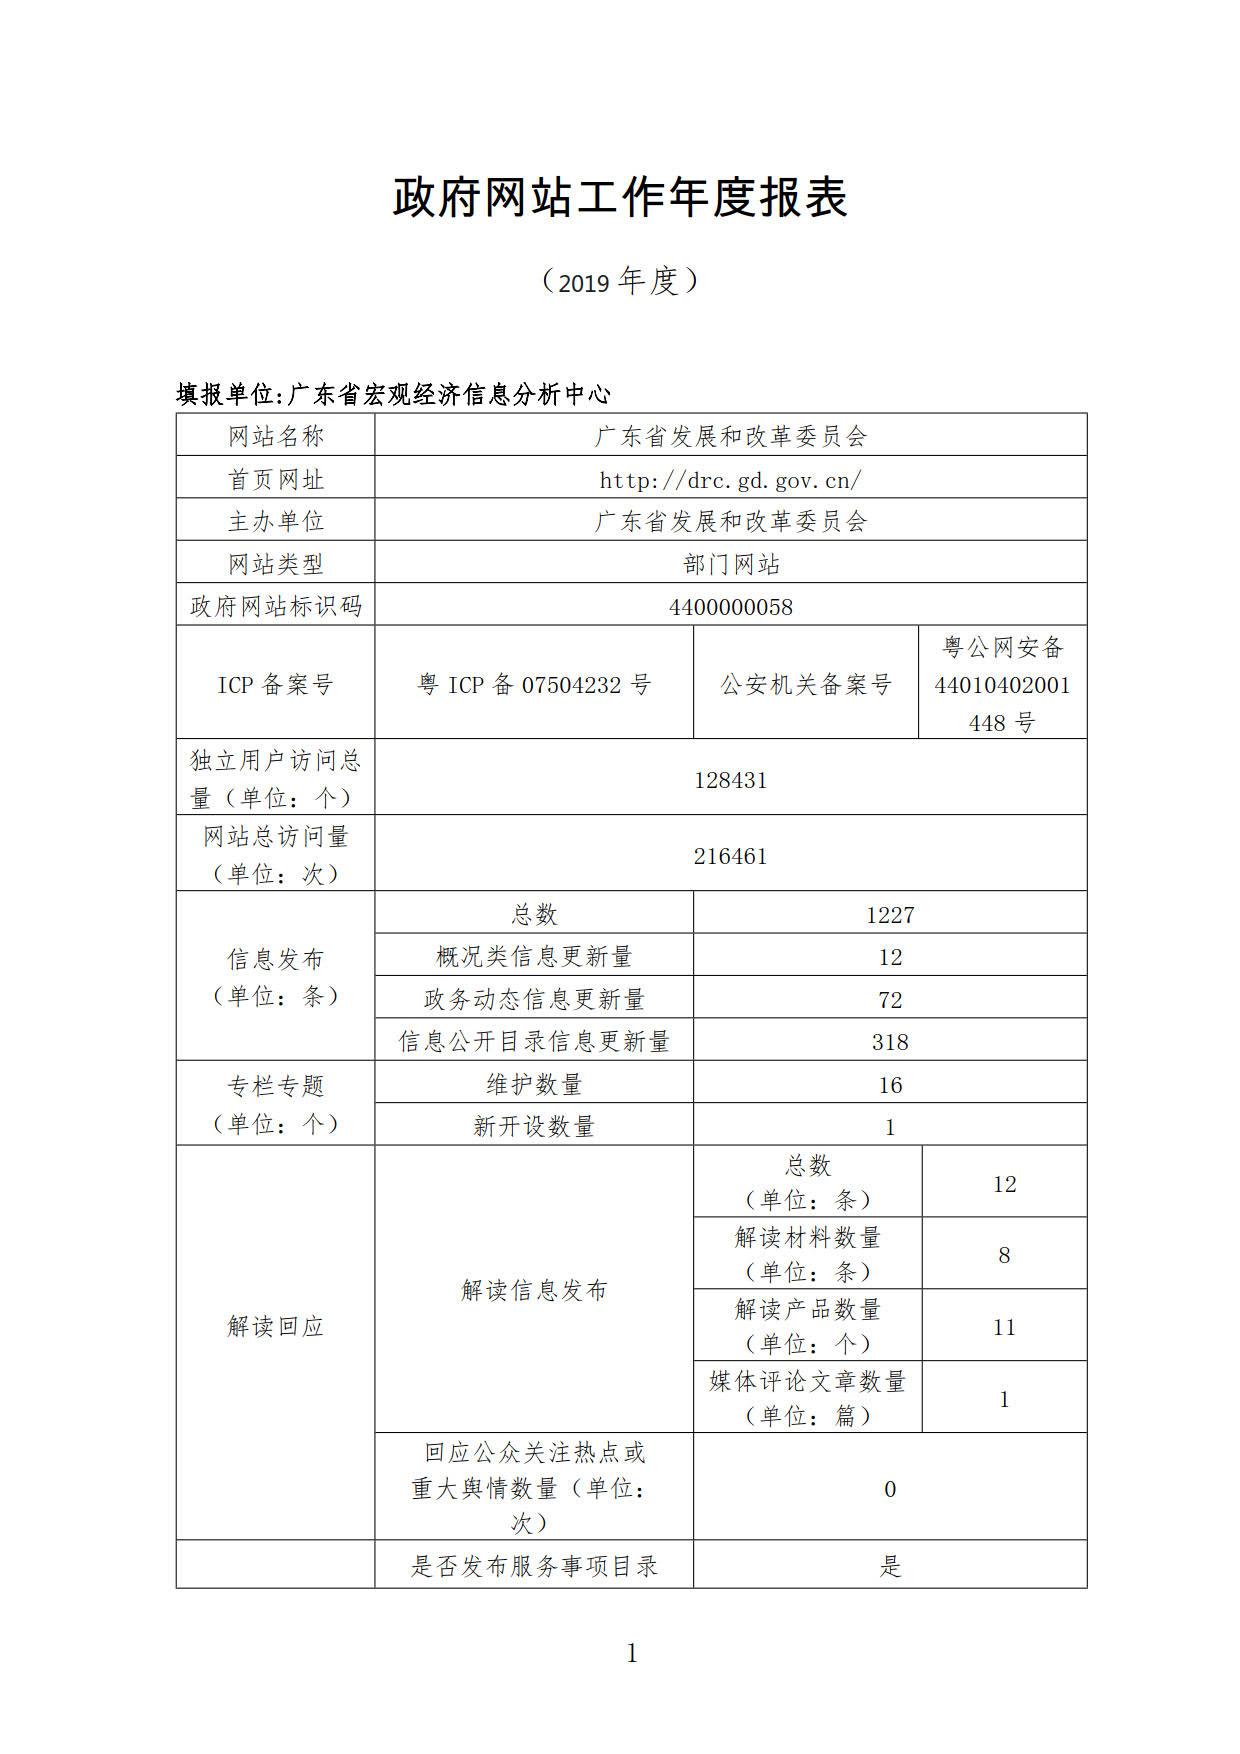 2019门户网报表1.jpg